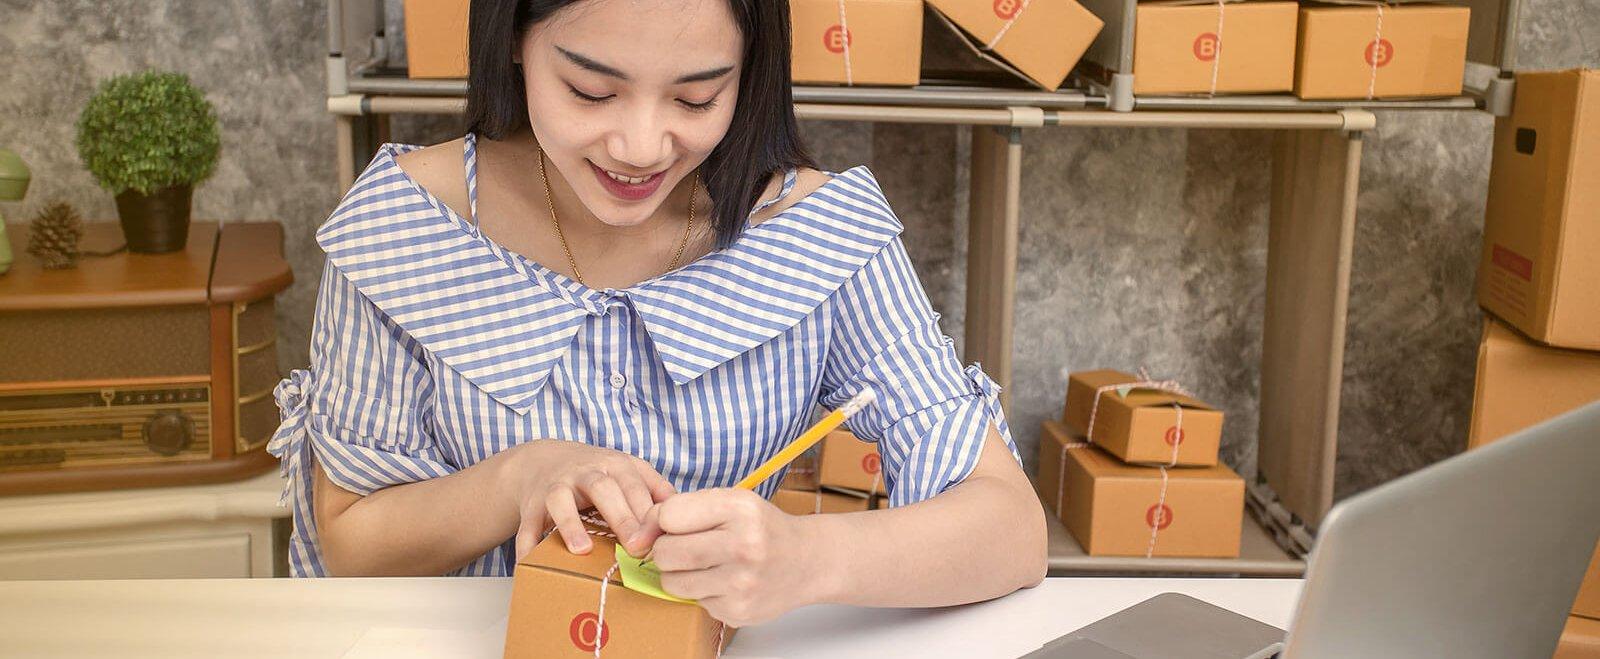 Methoden zur Umsatzsteigerung: So wirkt Dein Online-Shop seriöser